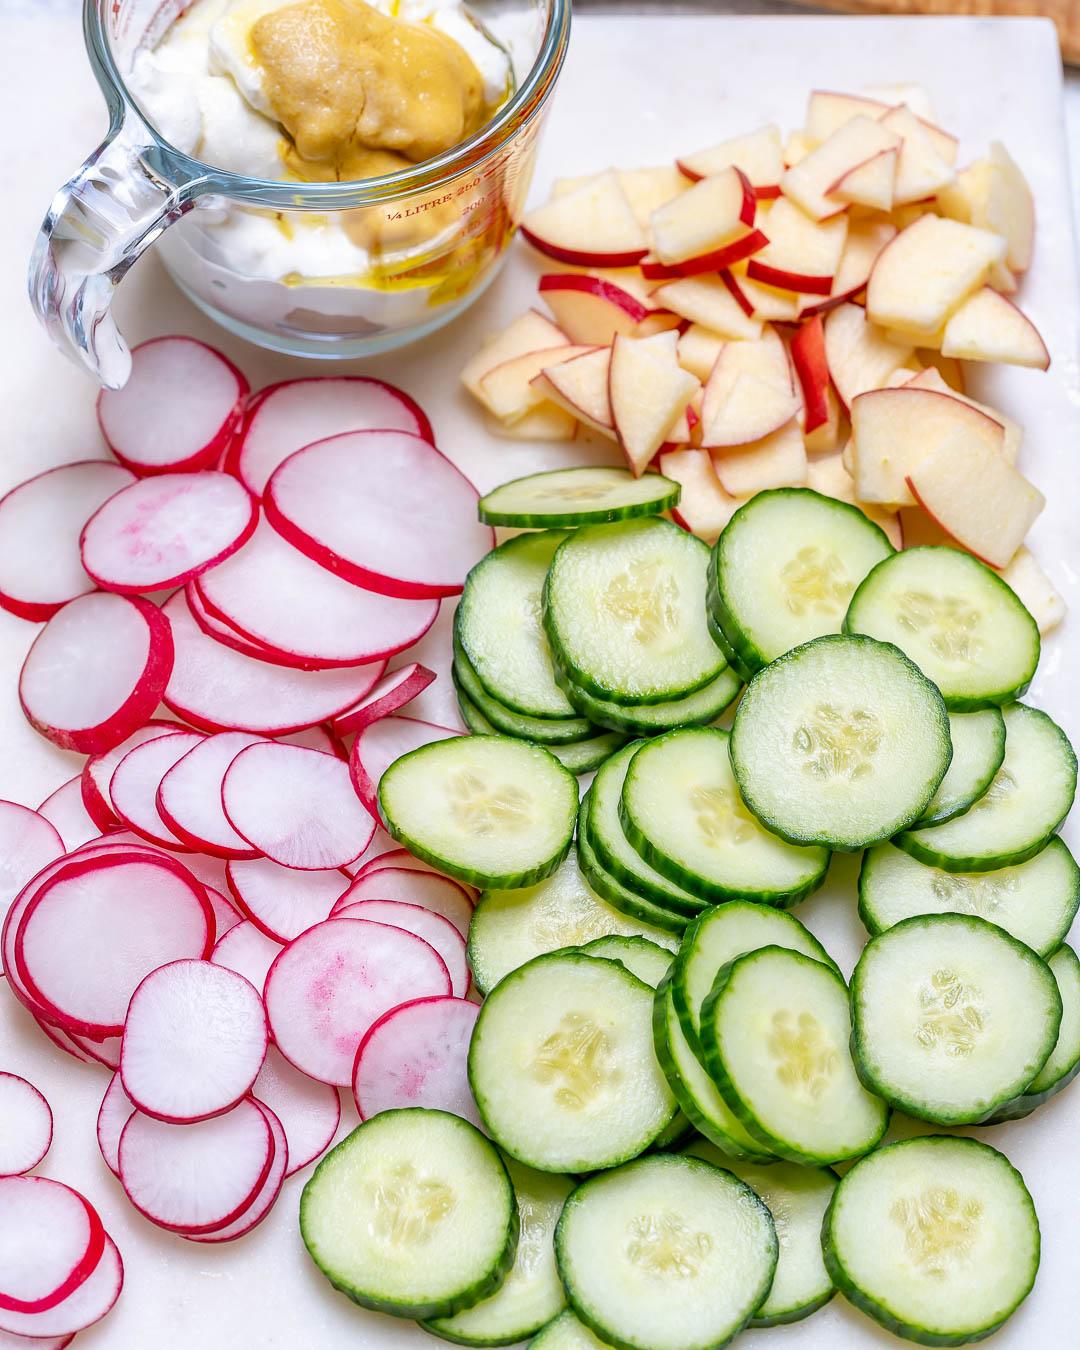 Quick & Easy Crisp Creamy Cucumber + Apple Salad!